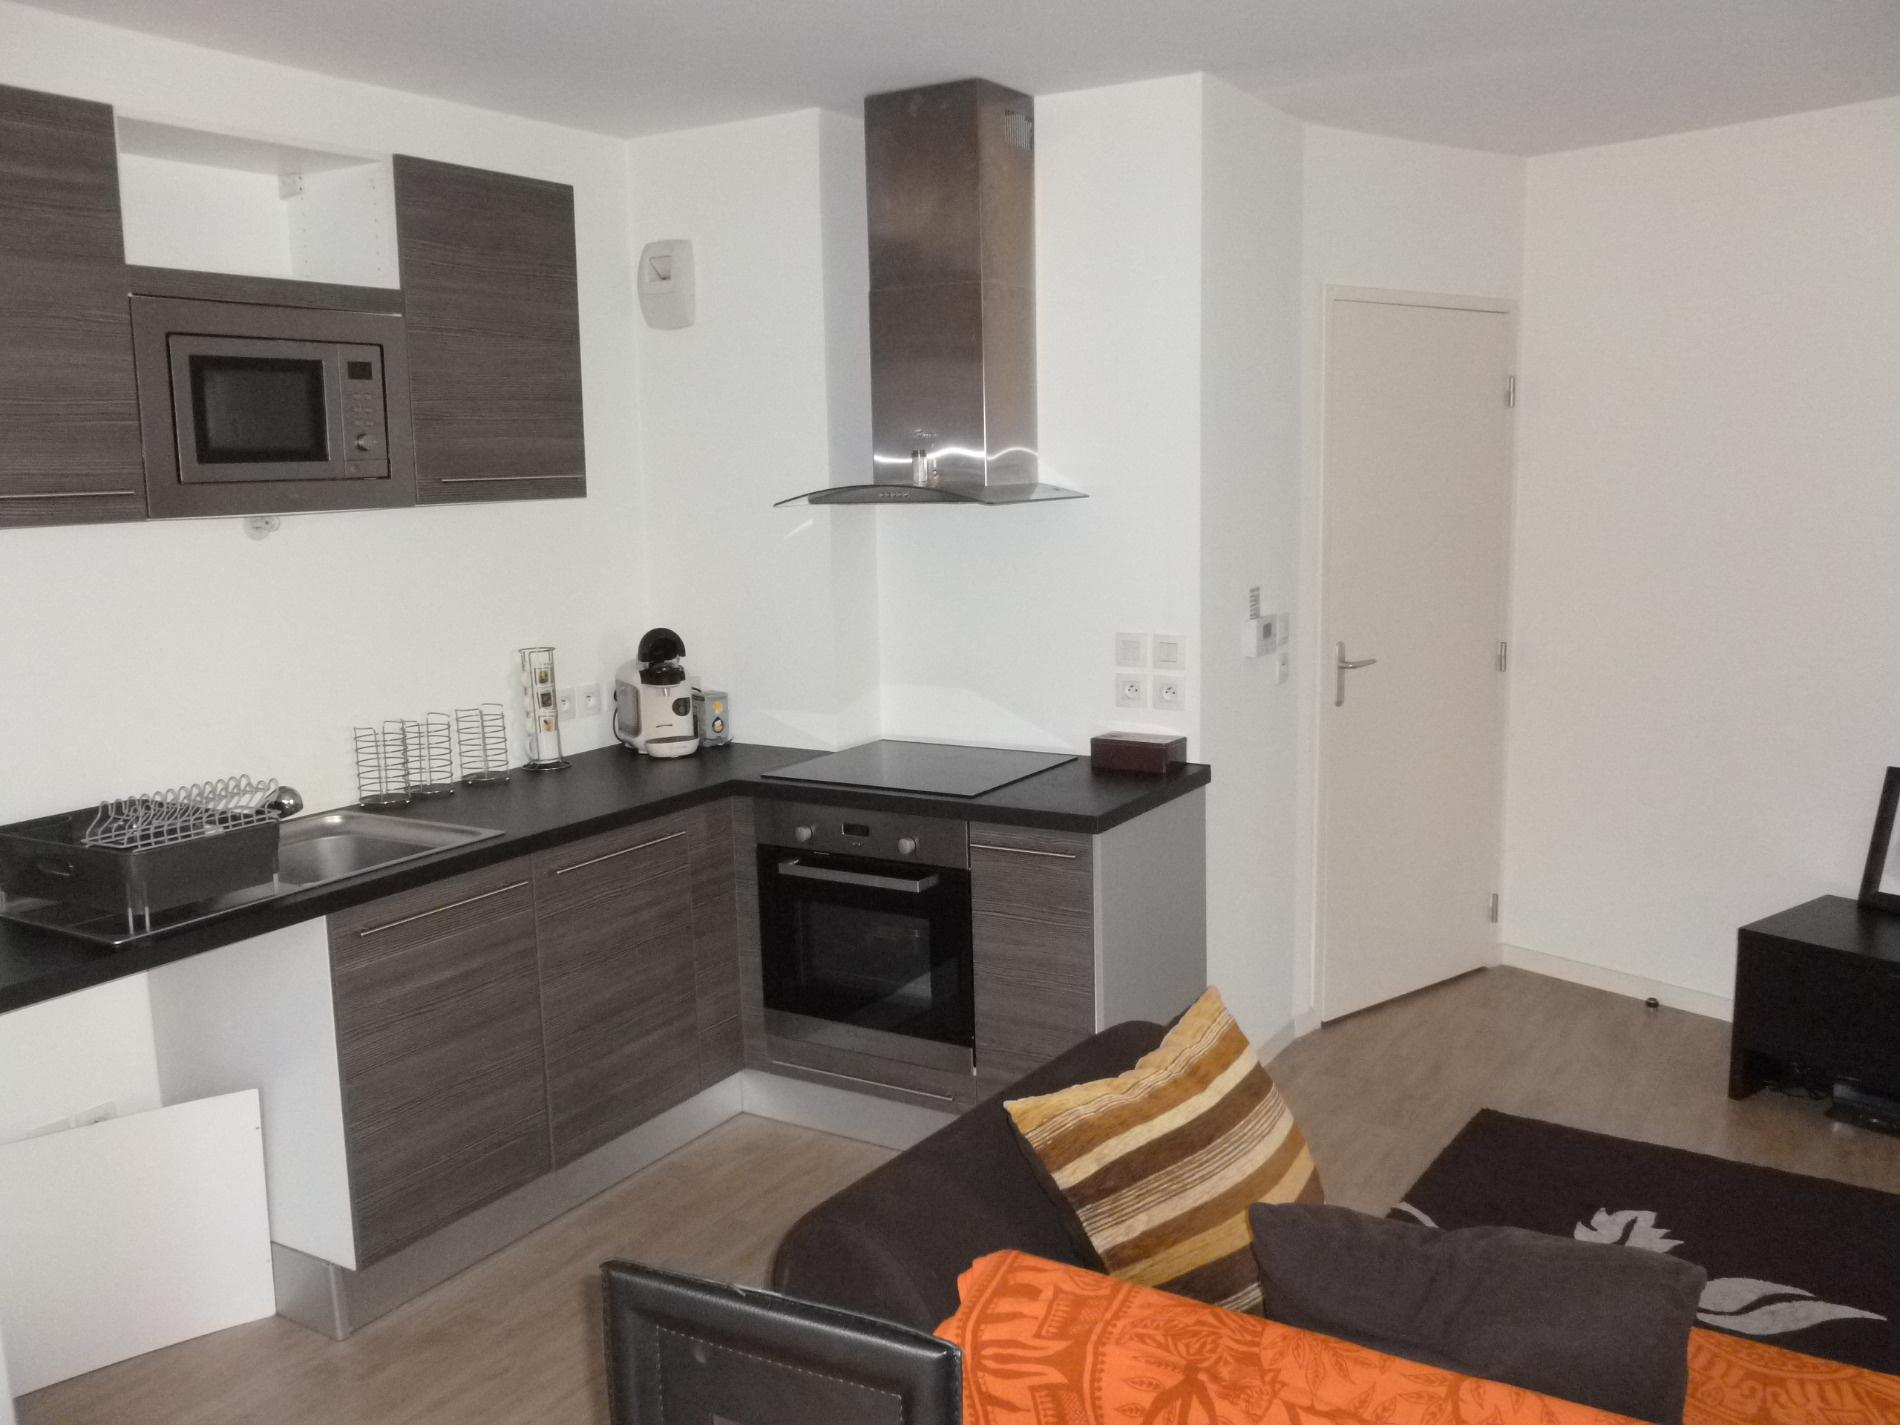 Offres de vente Appartement Ponts-de-Cé (49130)